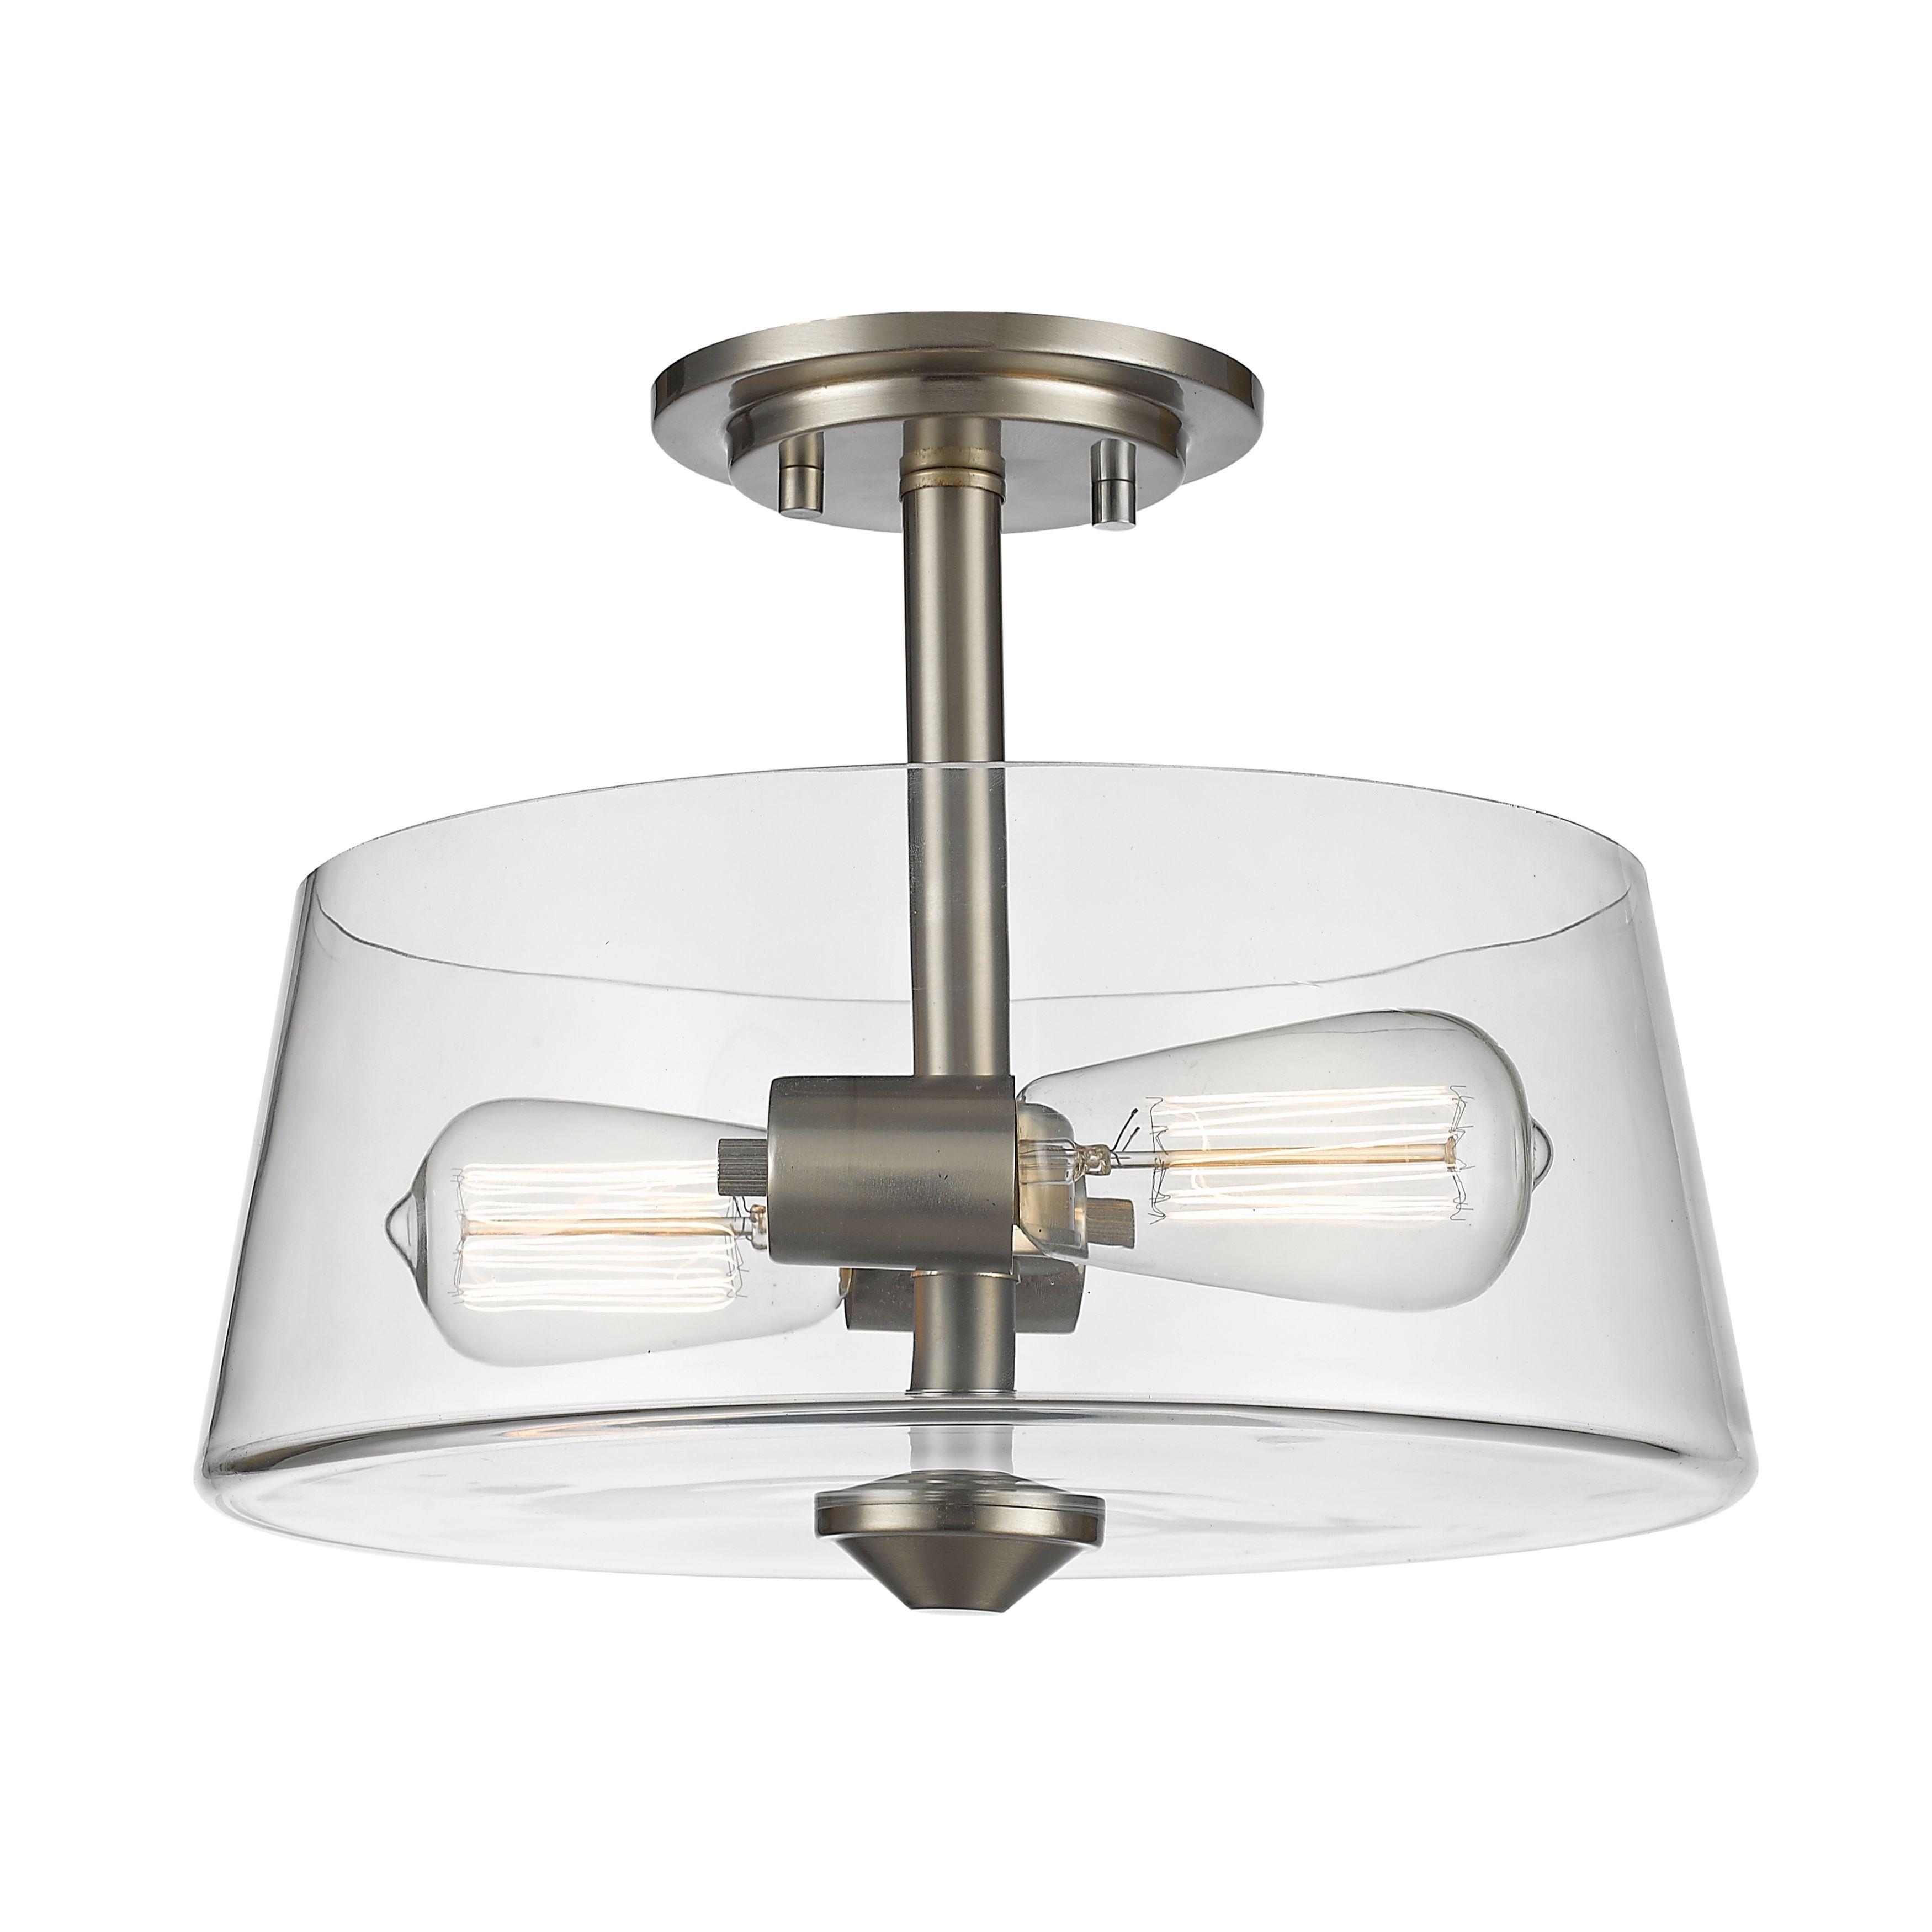 Avery home lighting 2 light semi flush mount in brushed nickel